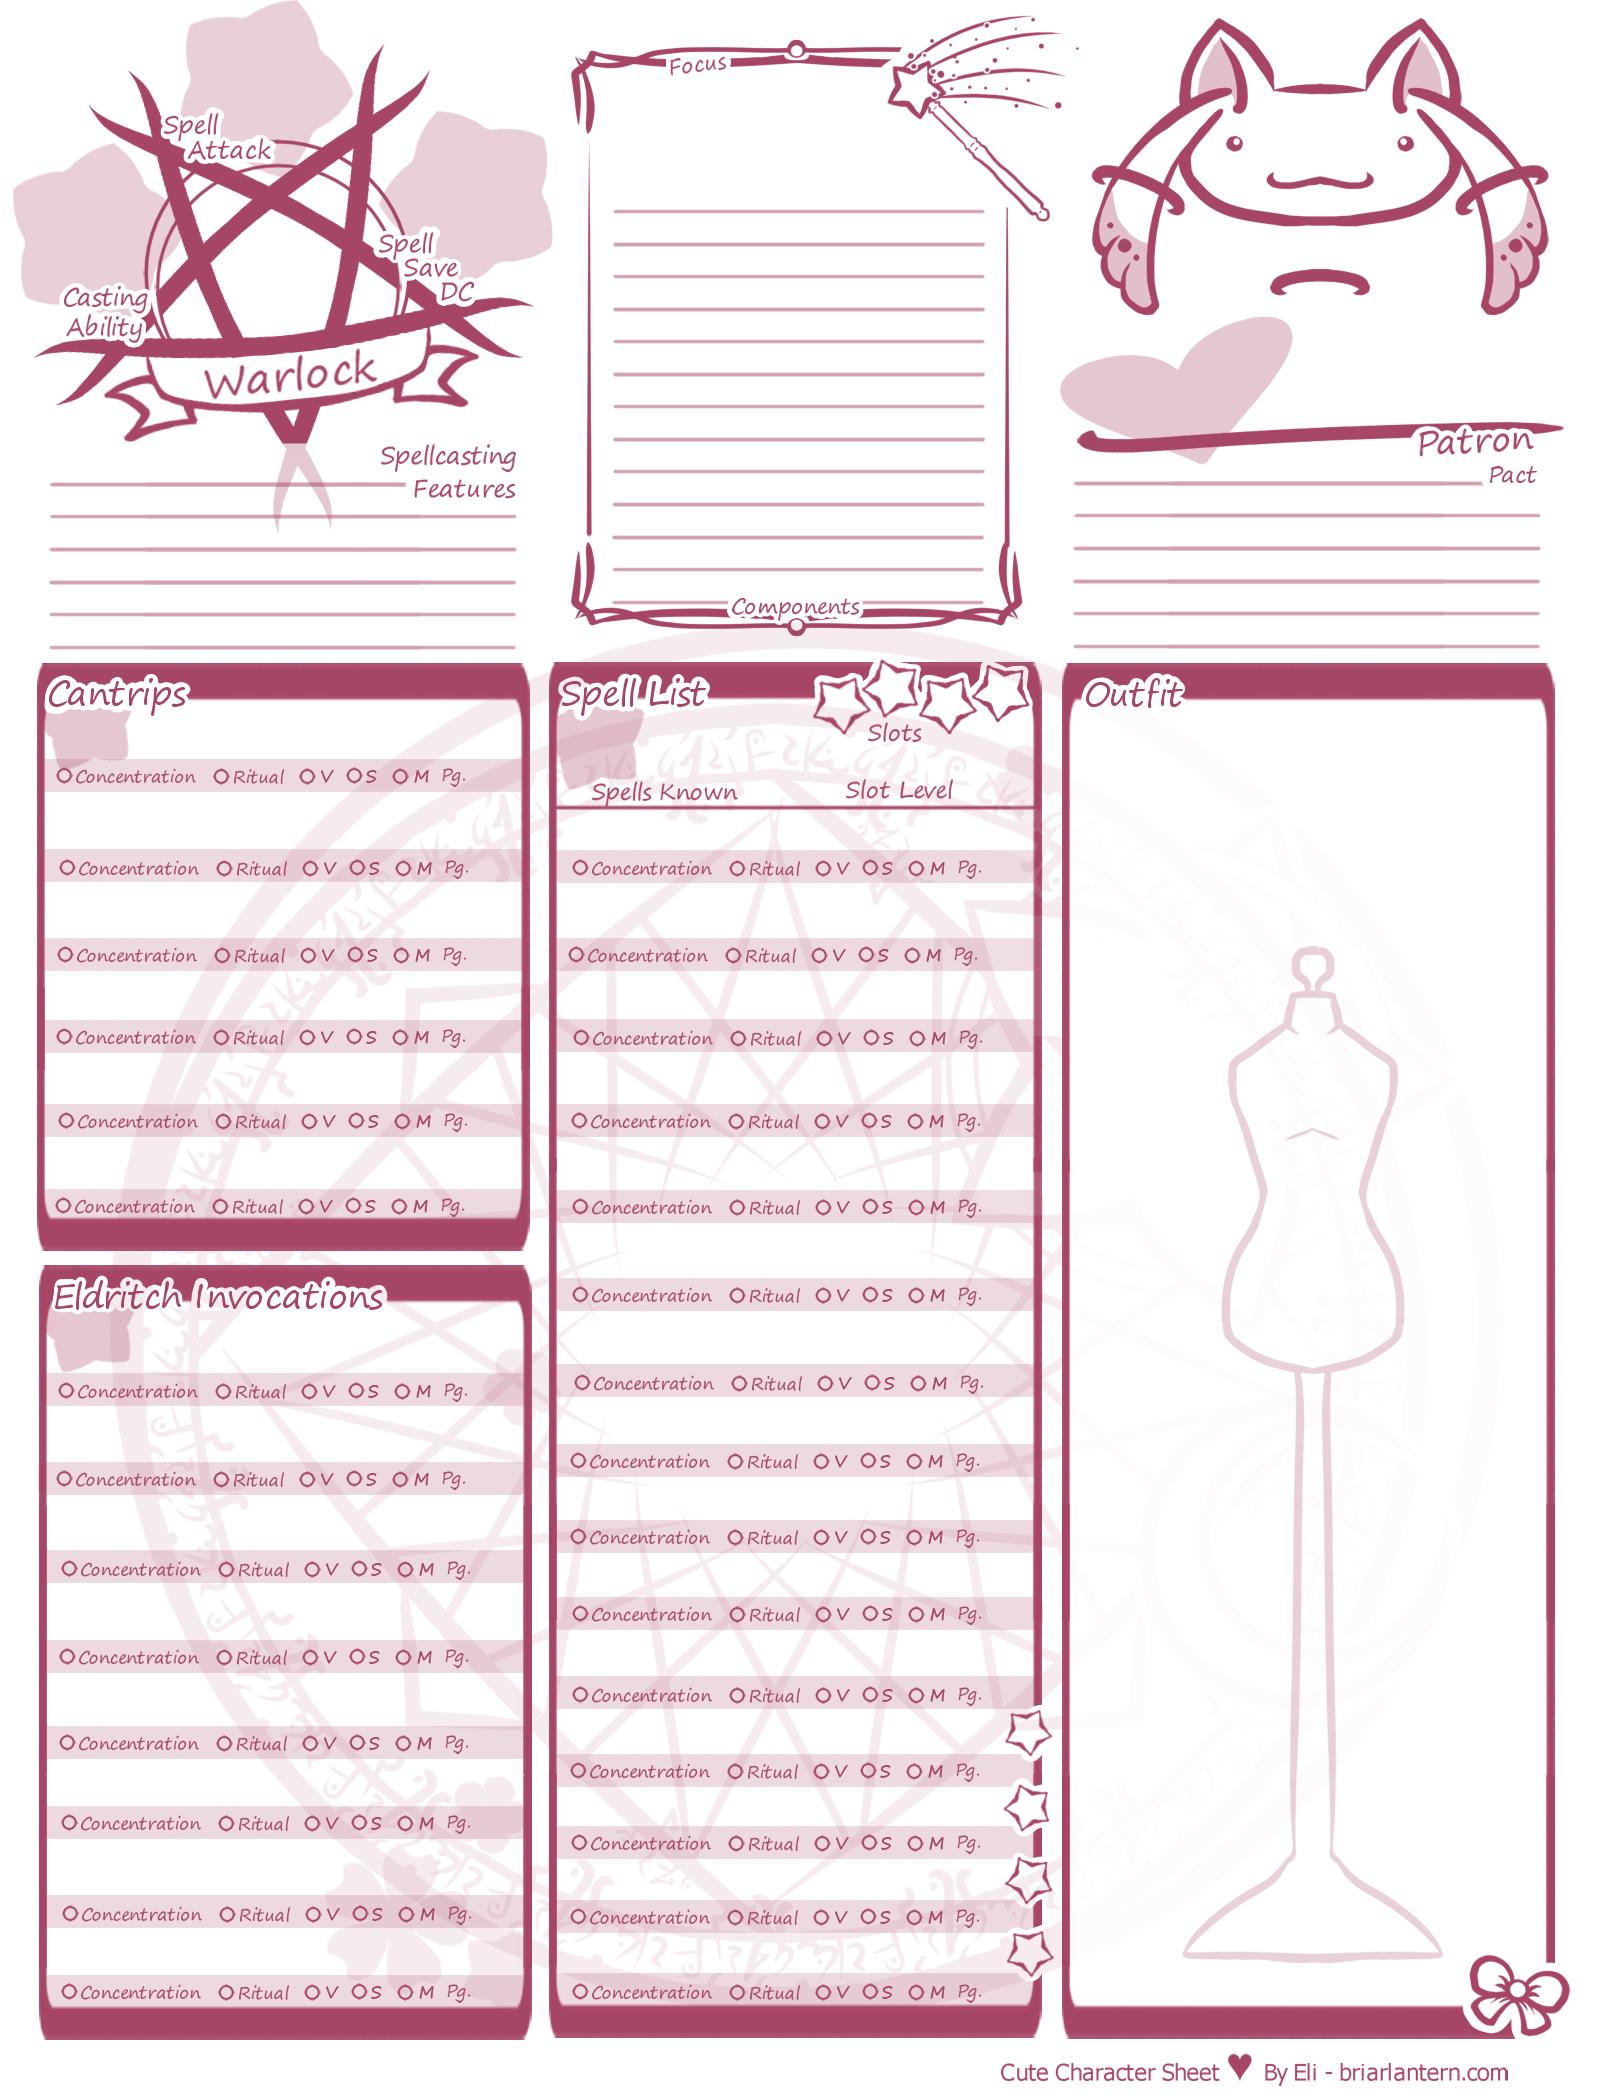 Oc Art 5e Update Cute Character Sheet Spell Sheets Character Sheet Template Dnd Character Sheet Character Sheet